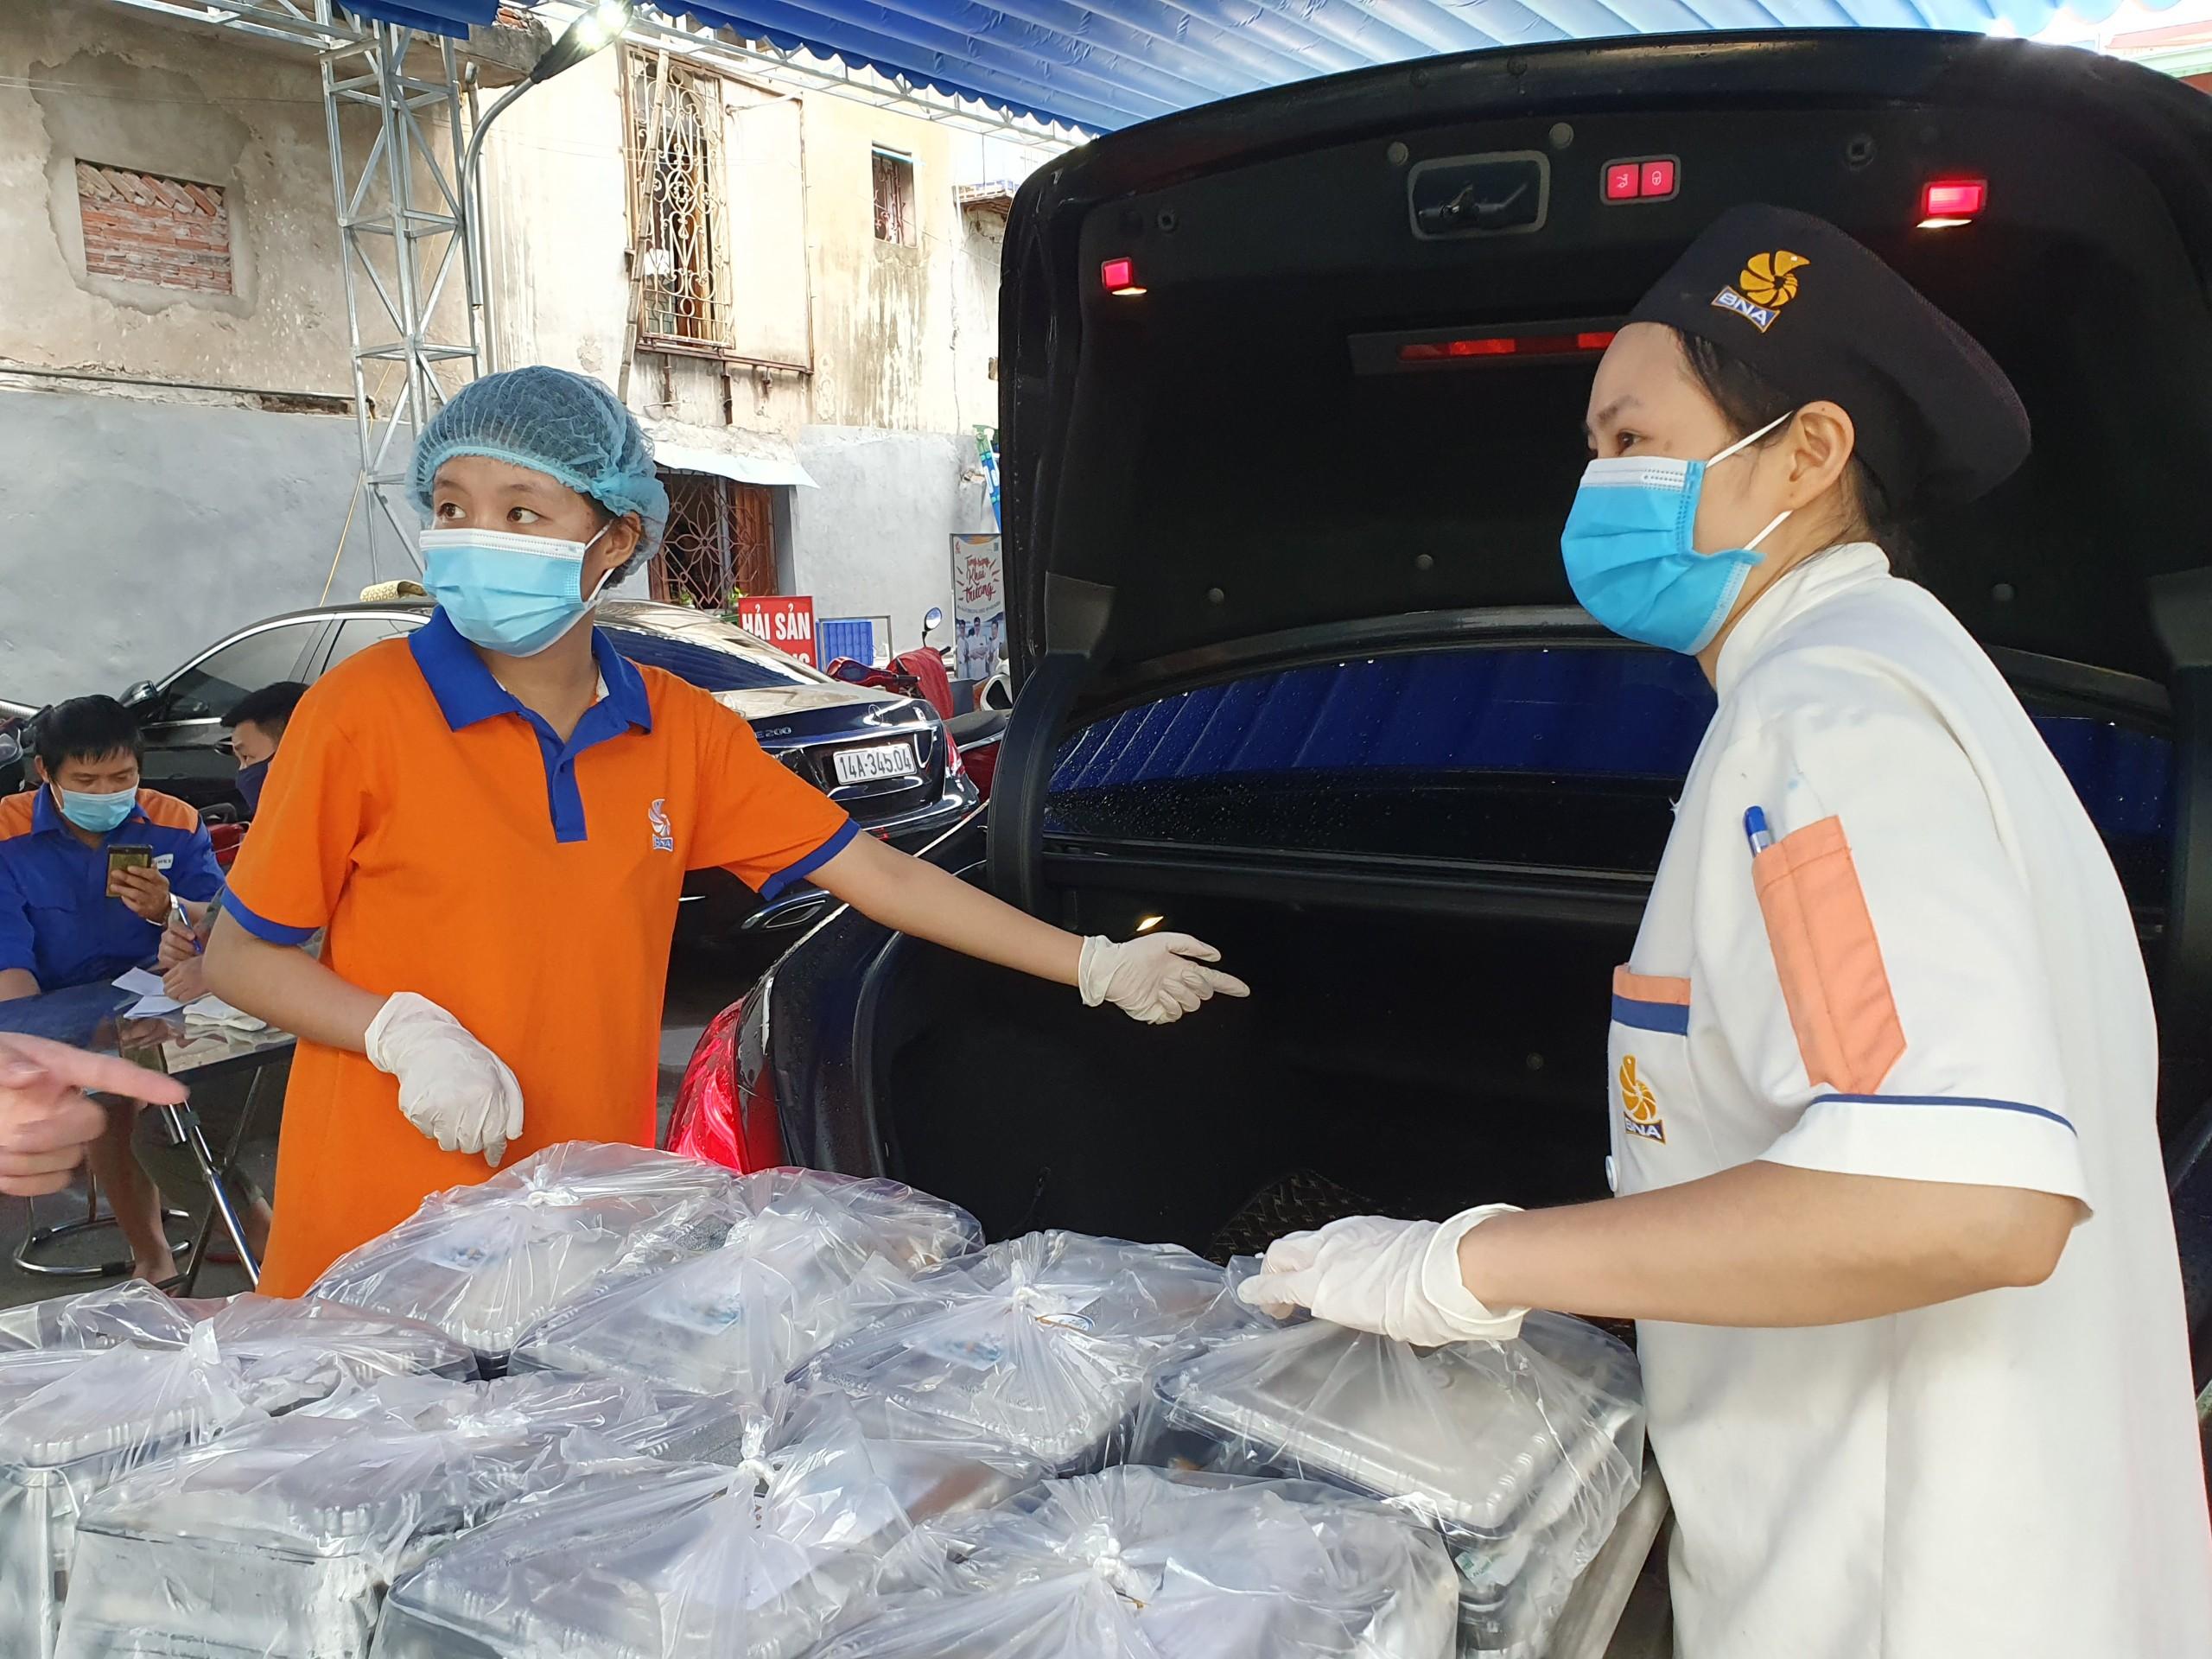 Đội ngũ tình nguyện viên cẩn thận xếp từng suất ăn lên xe để vận chuyển.